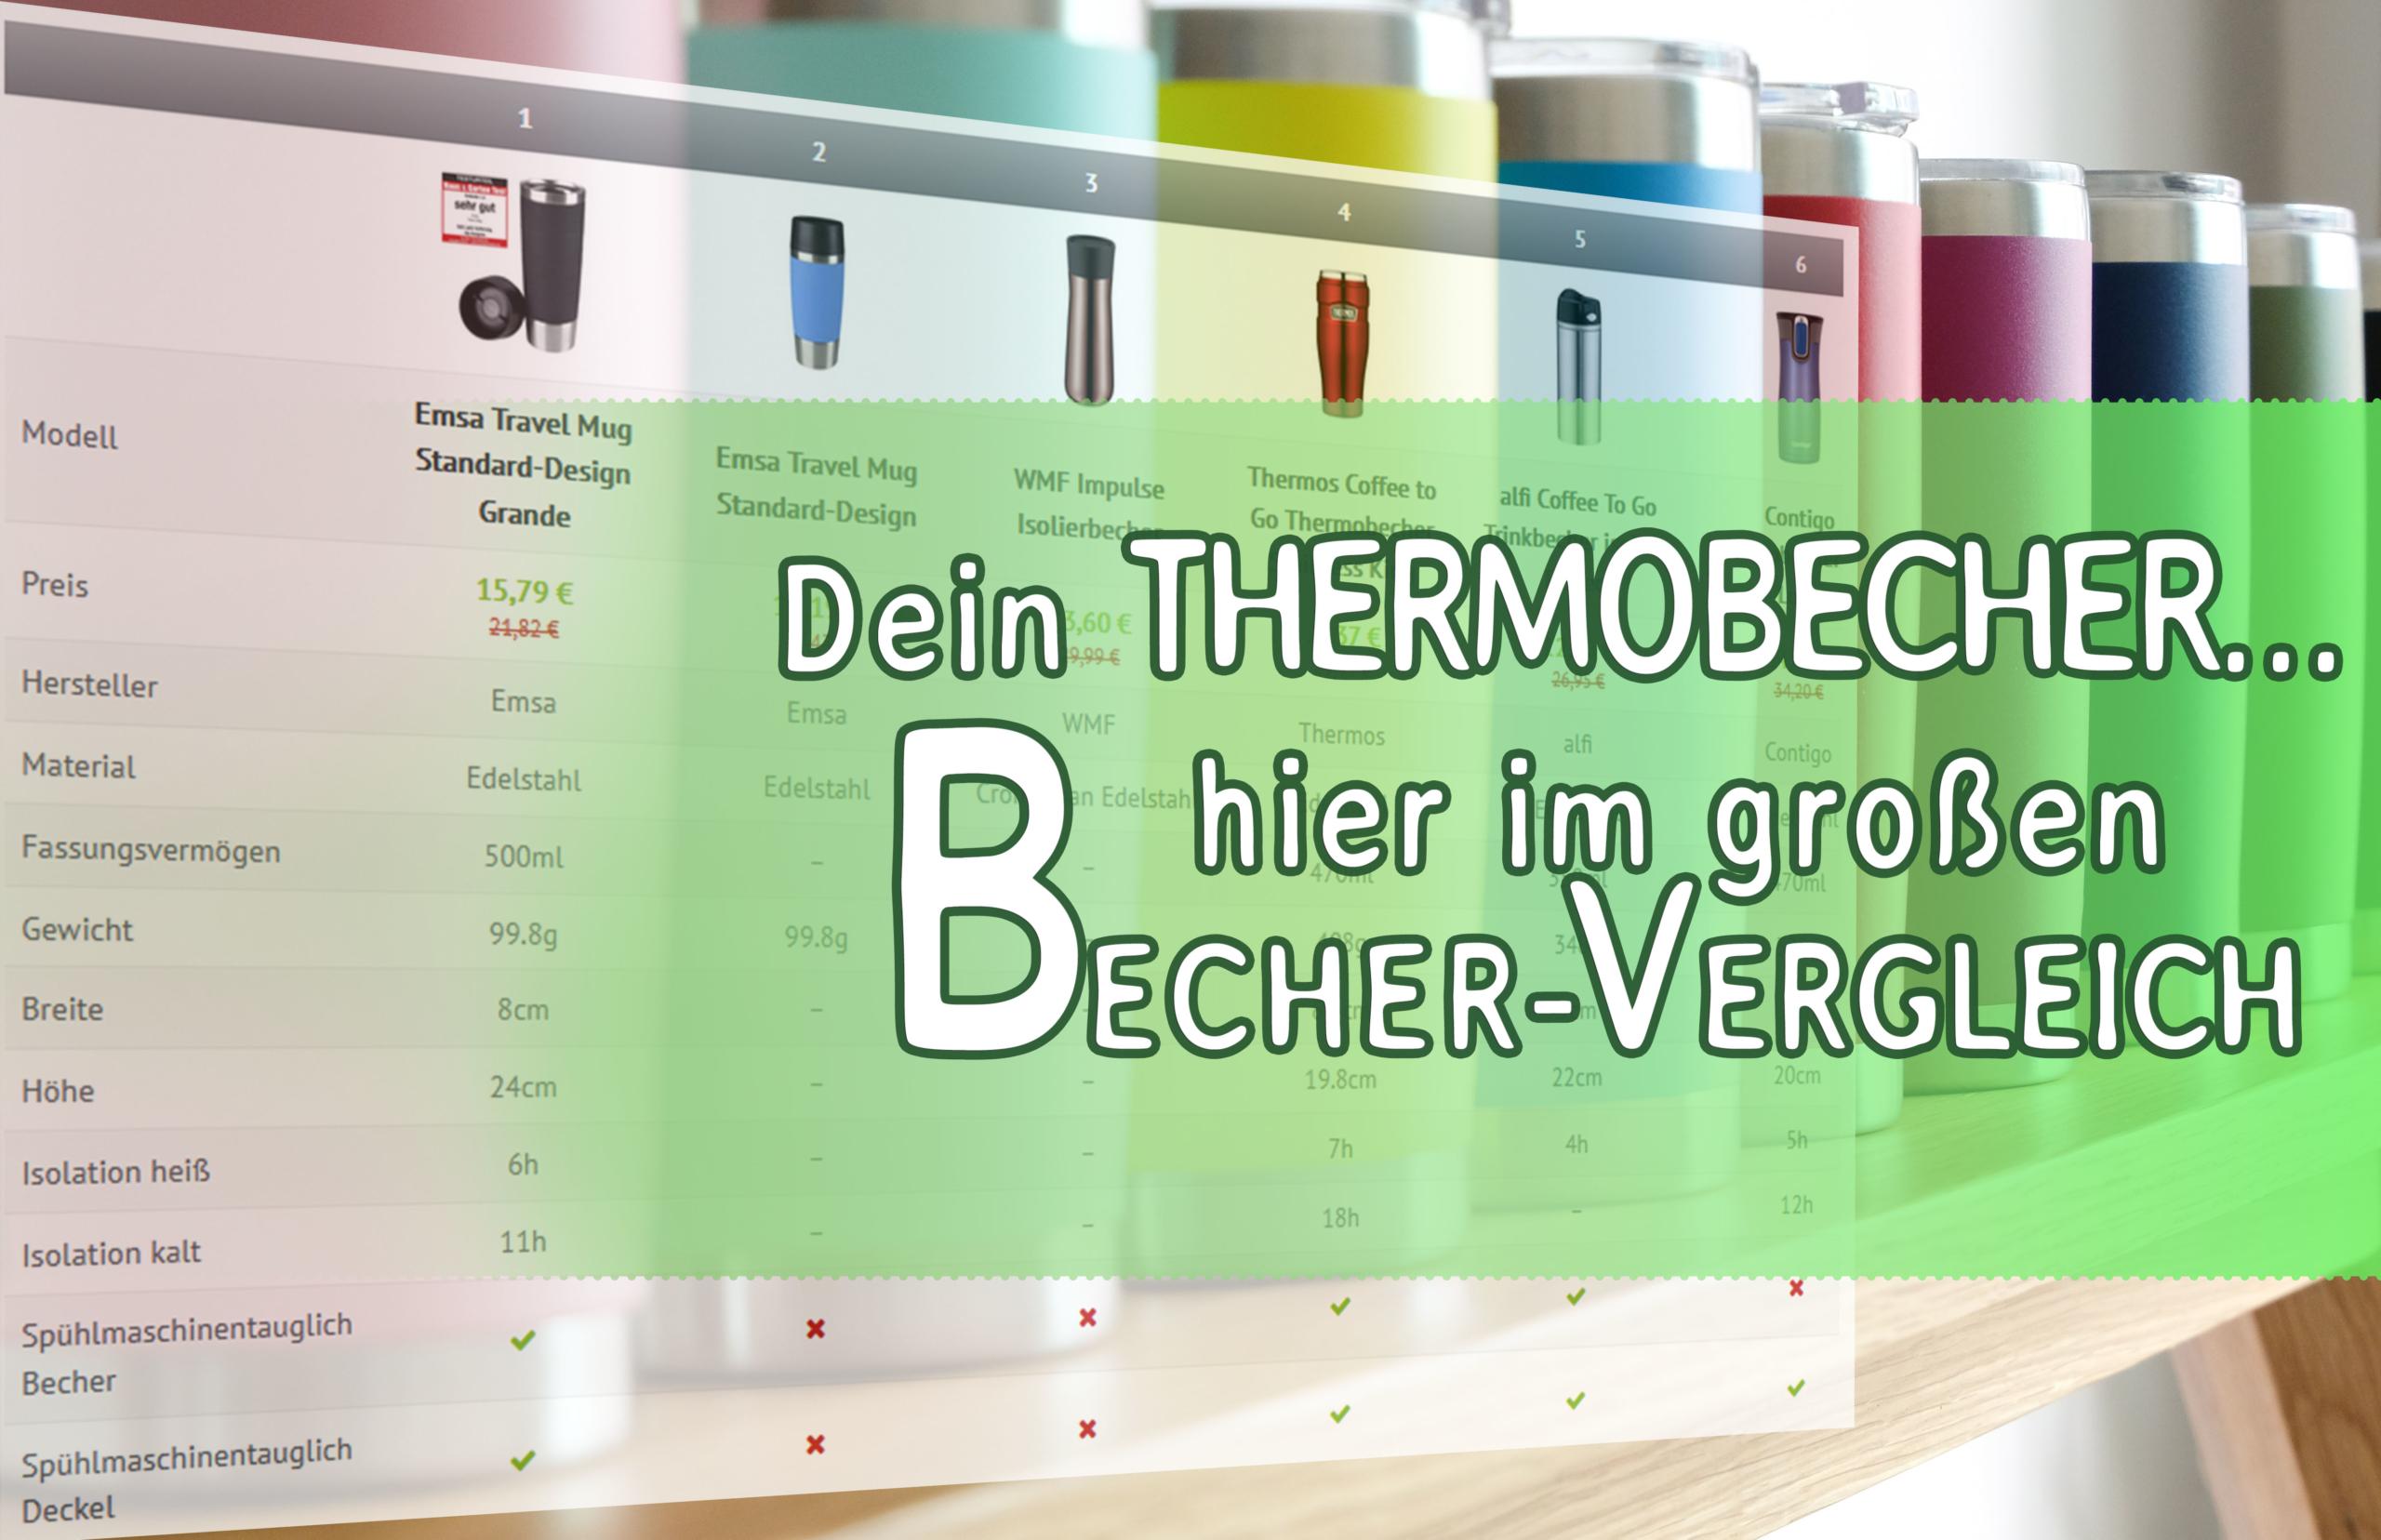 Thermobecher Produktvergleich